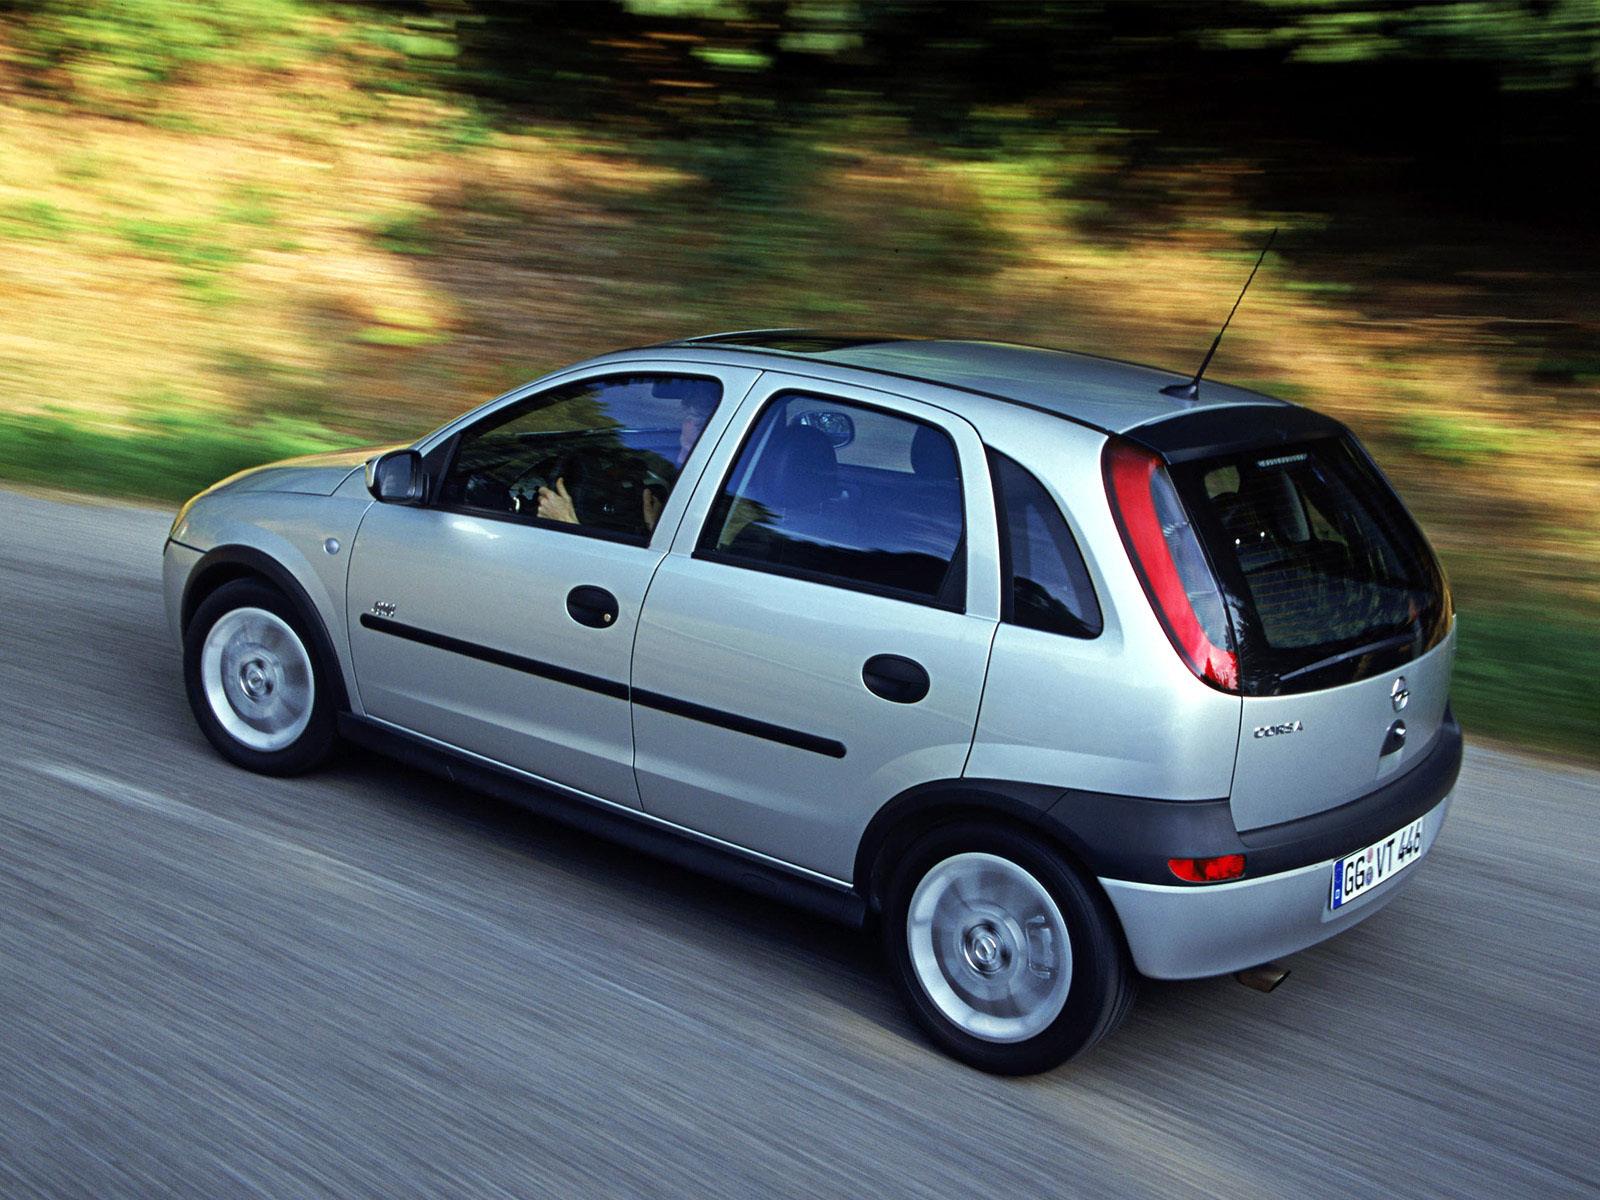 opel corsa c 5 door 2000 2003 opel corsa c 5 door 2000 2003 photo 07 car in pictures car. Black Bedroom Furniture Sets. Home Design Ideas